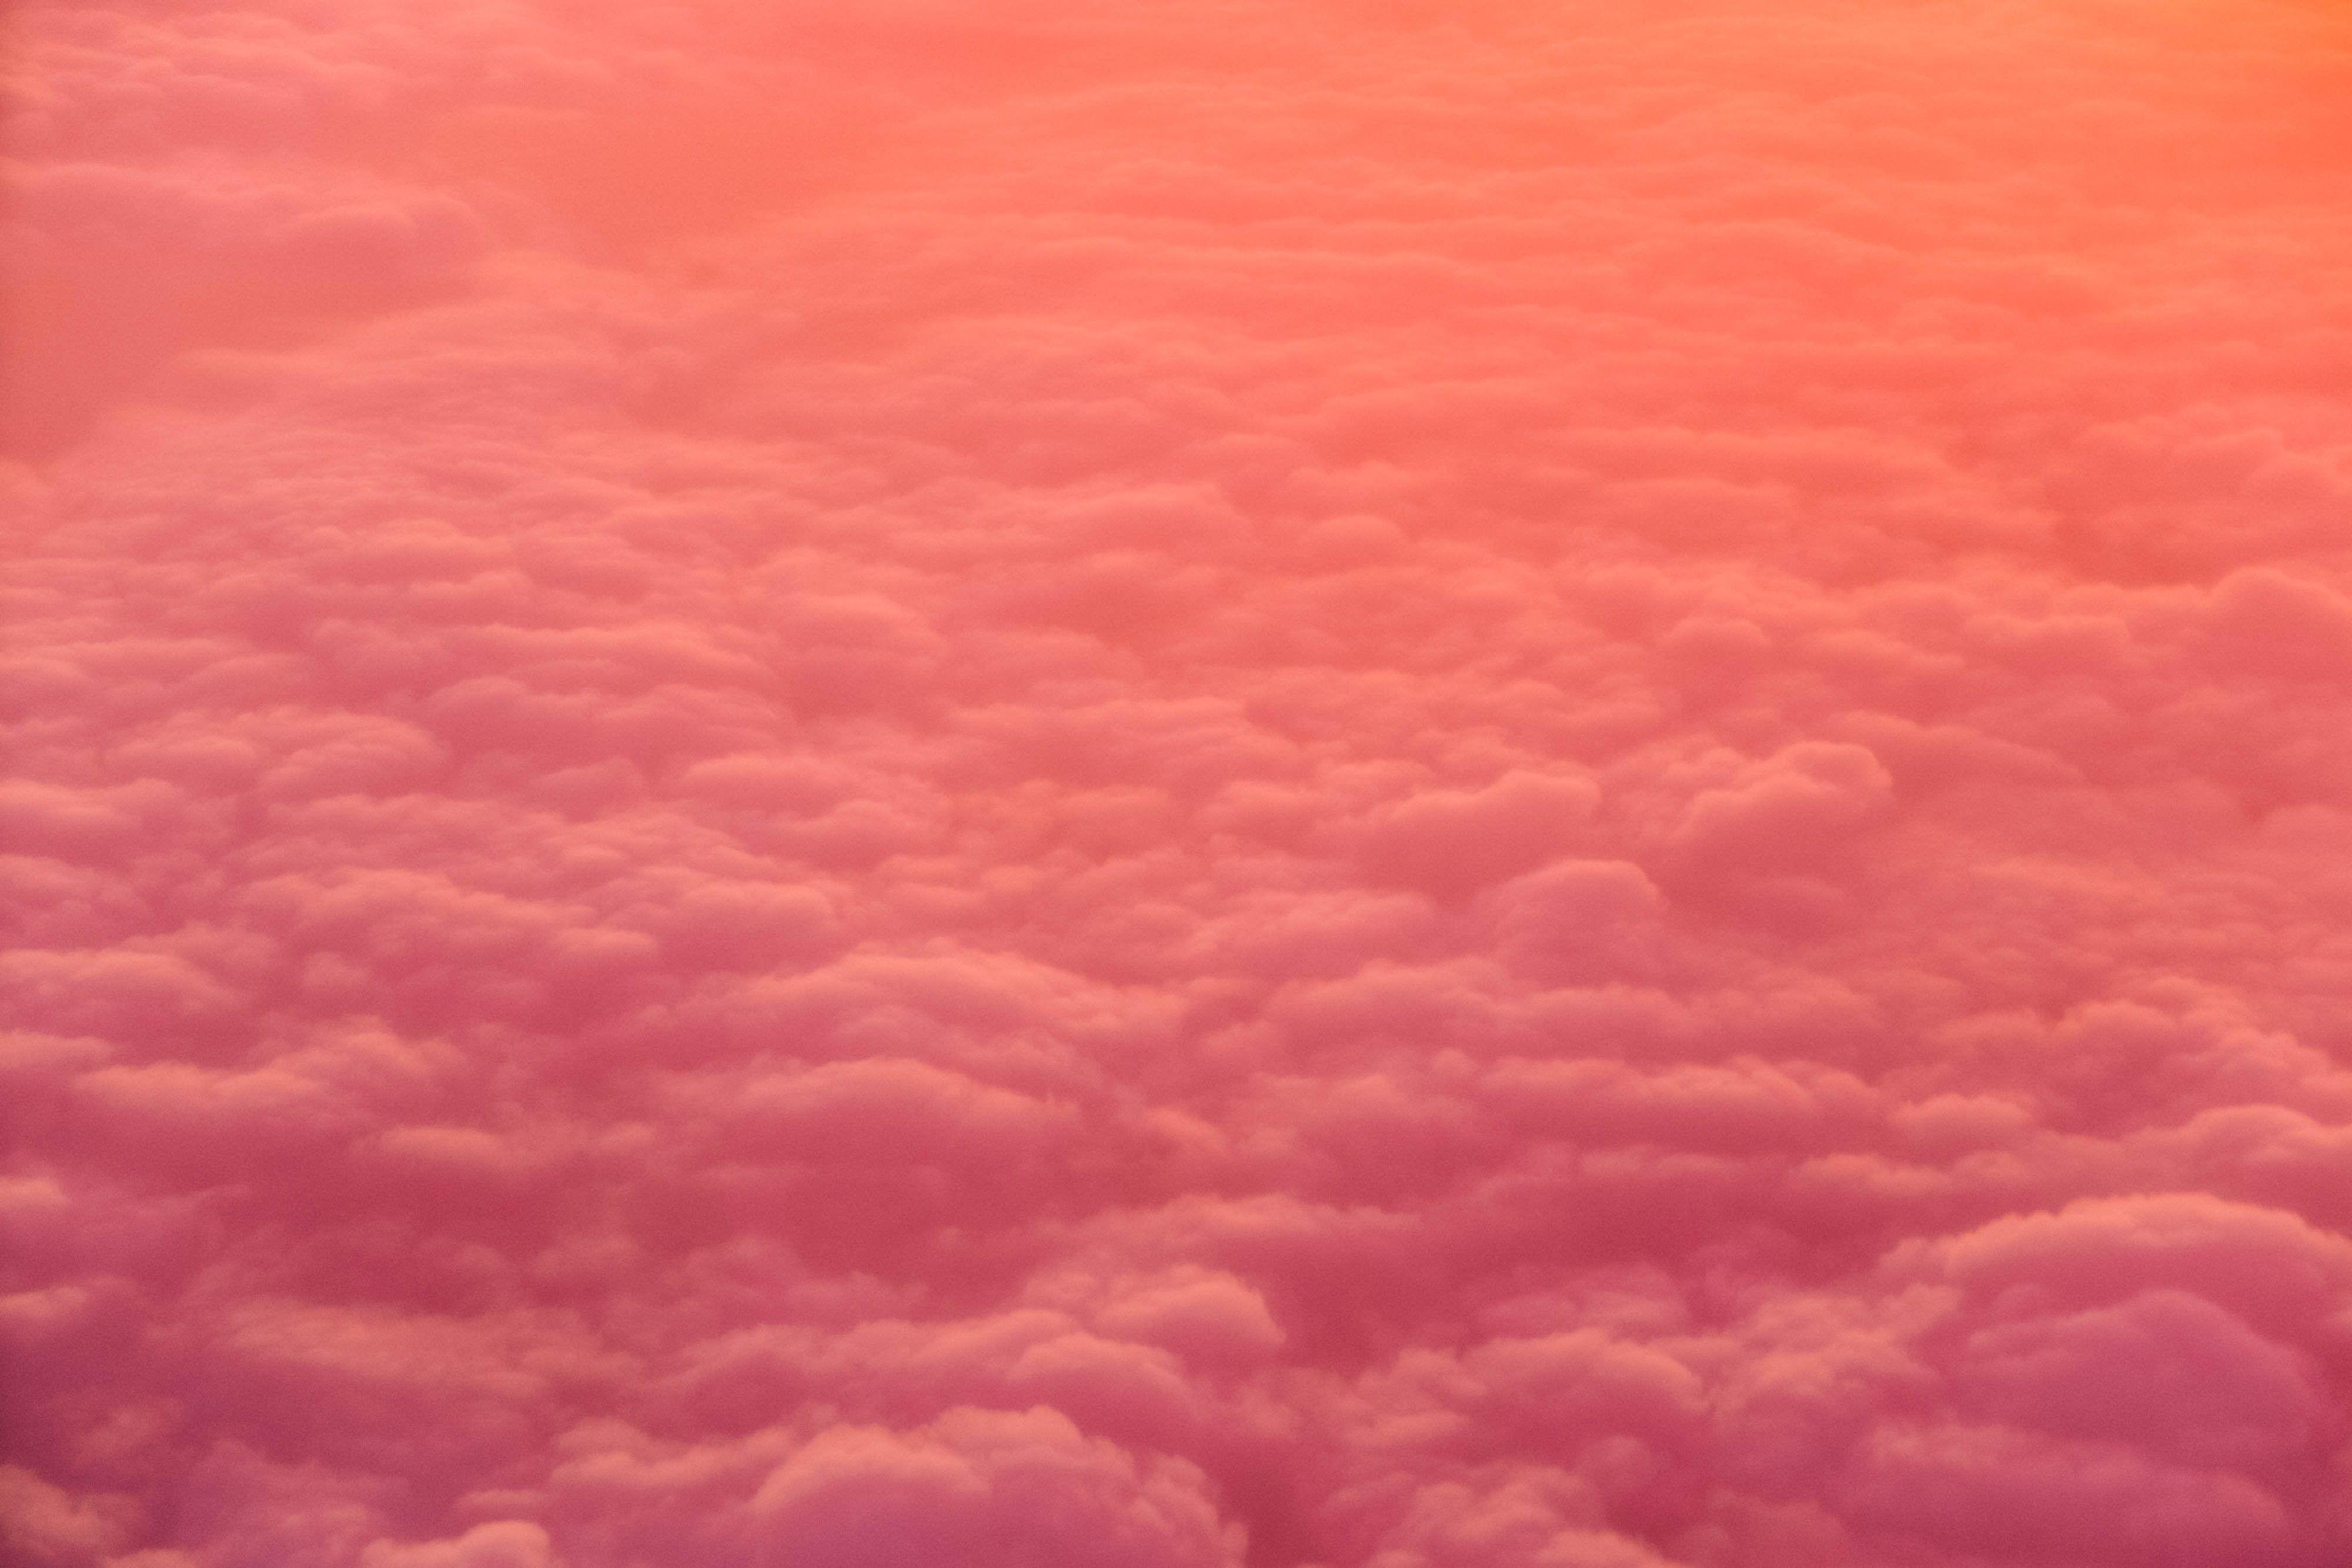 Pink Clouds Wallpaper Idrop News